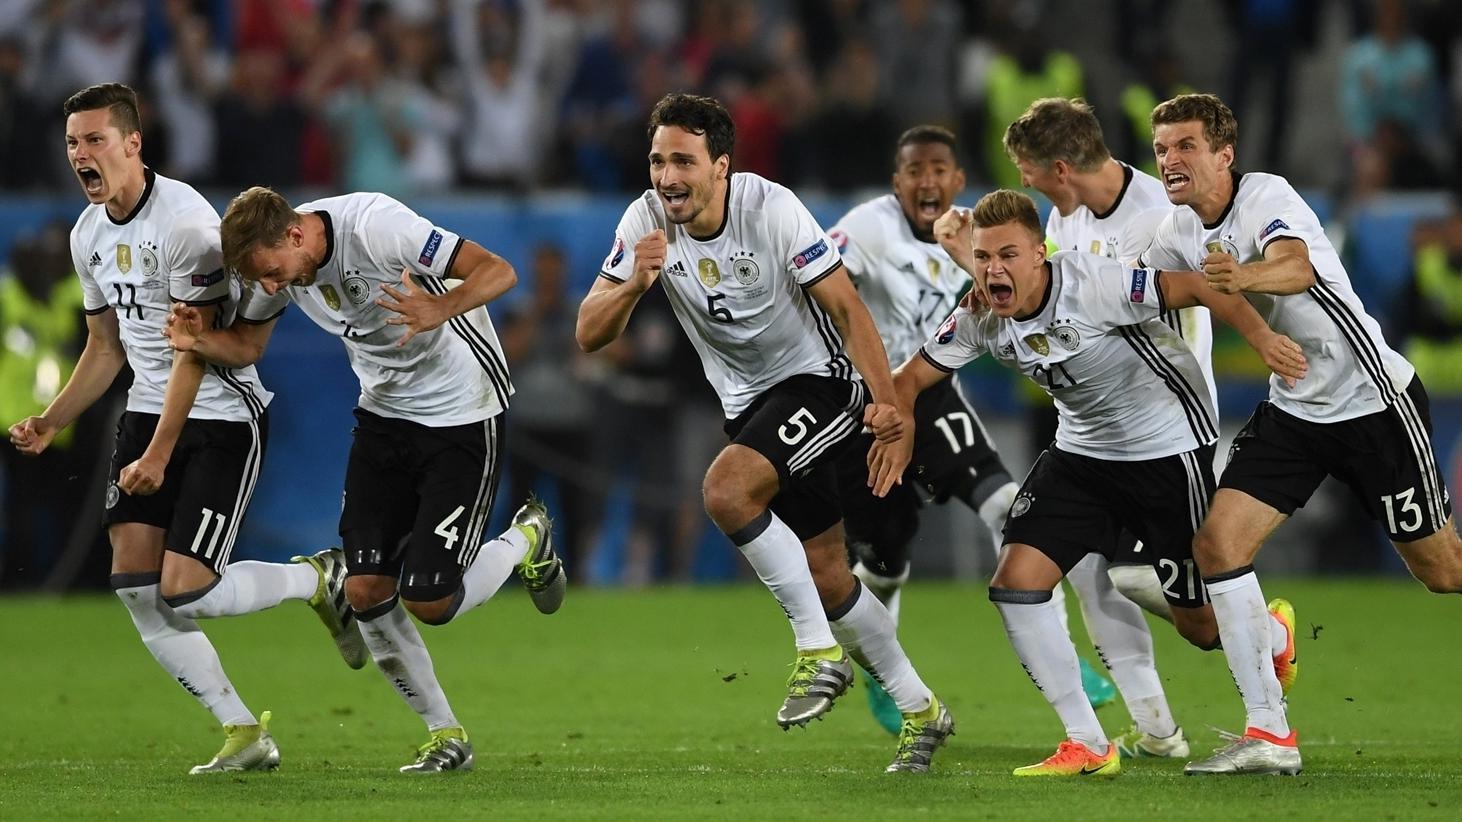 Germany-Italy | Germany finally defeat Italy to stride into EURO 2016 semis | UEFA EURO 2020 | UEFA.com